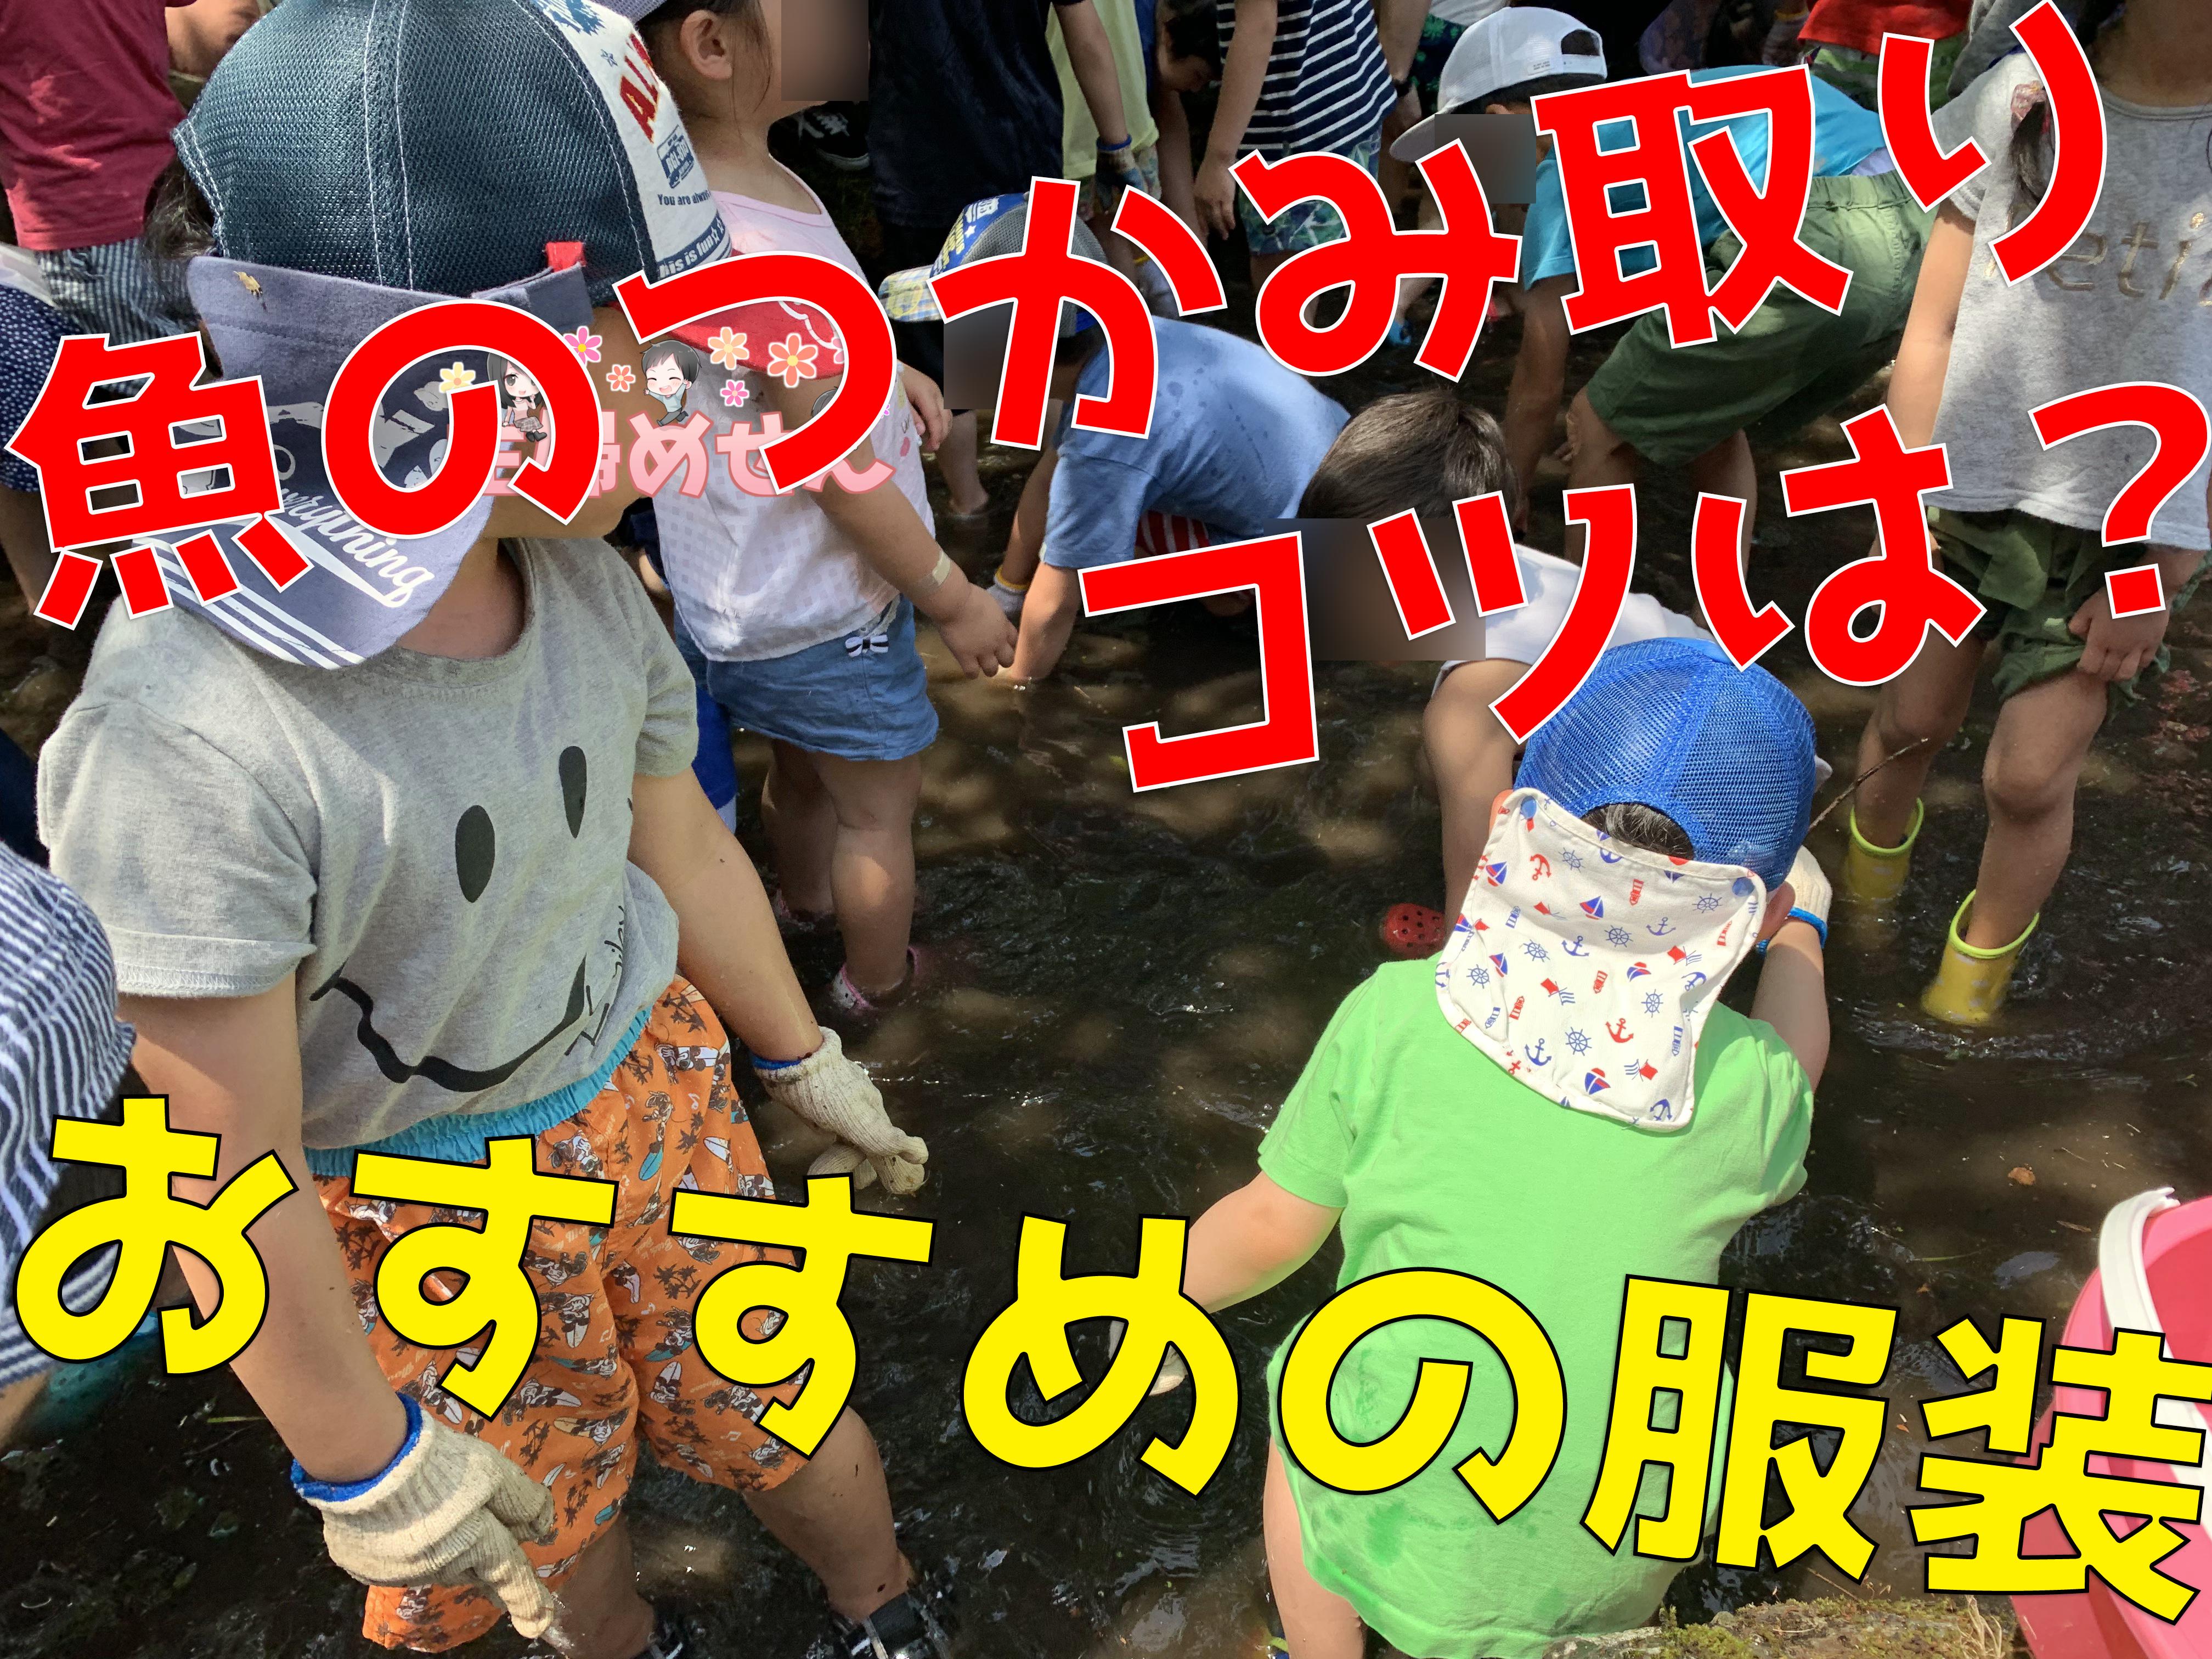 魚のつかみ取り:大人も子供もできるコツ&おすすめの服装アイテムは?